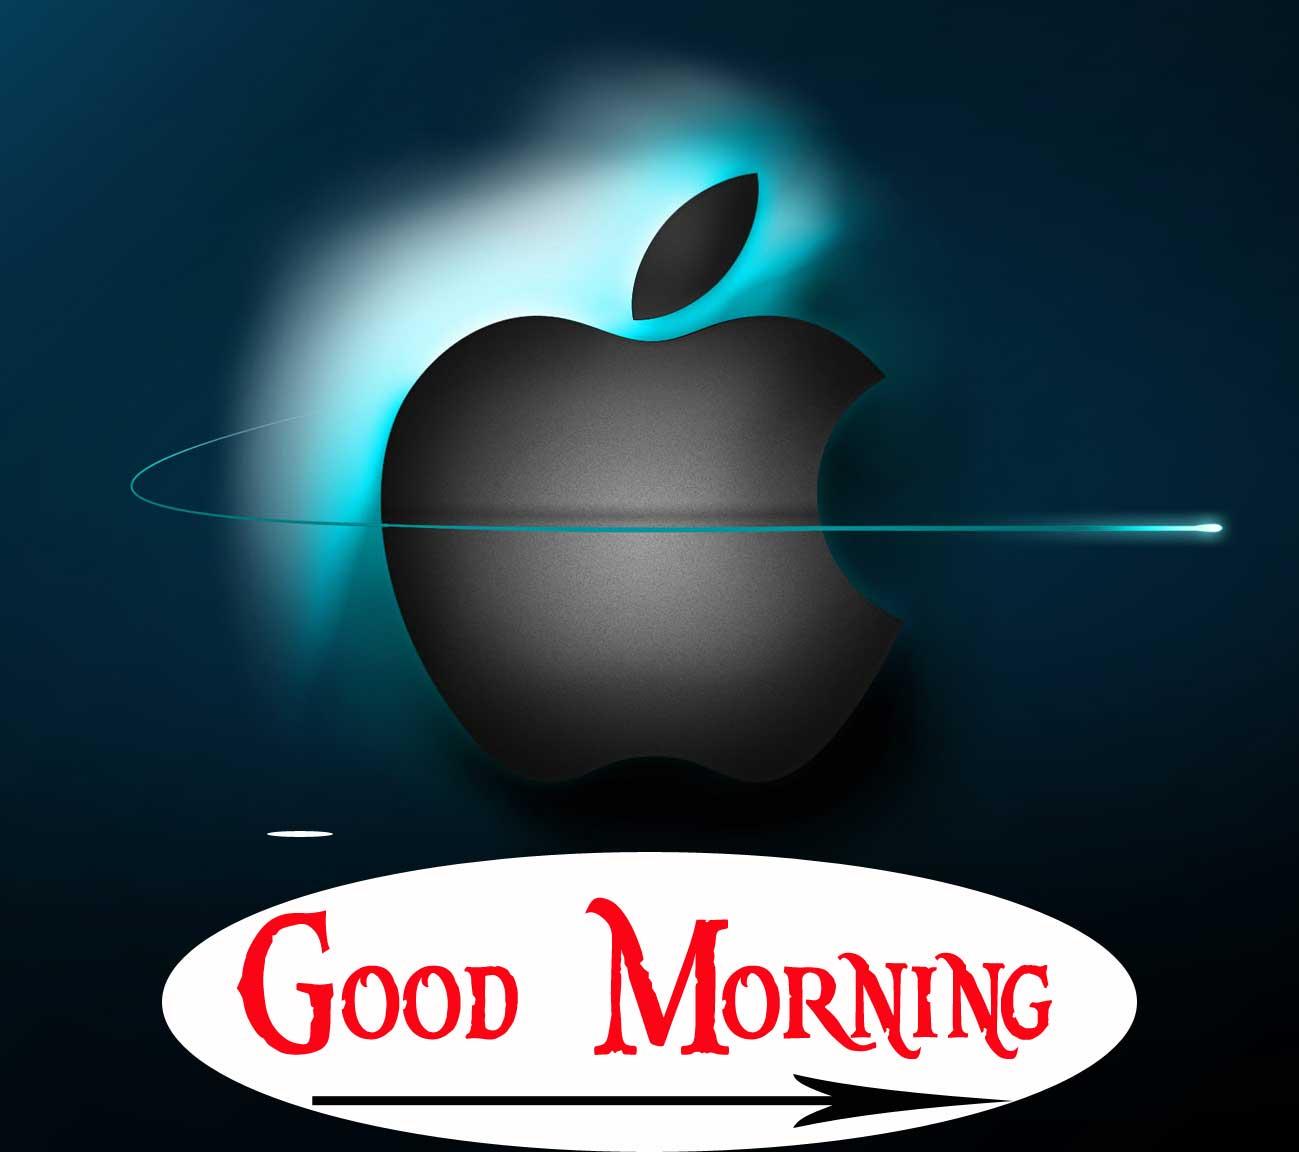 Logo Good Morning Wishes